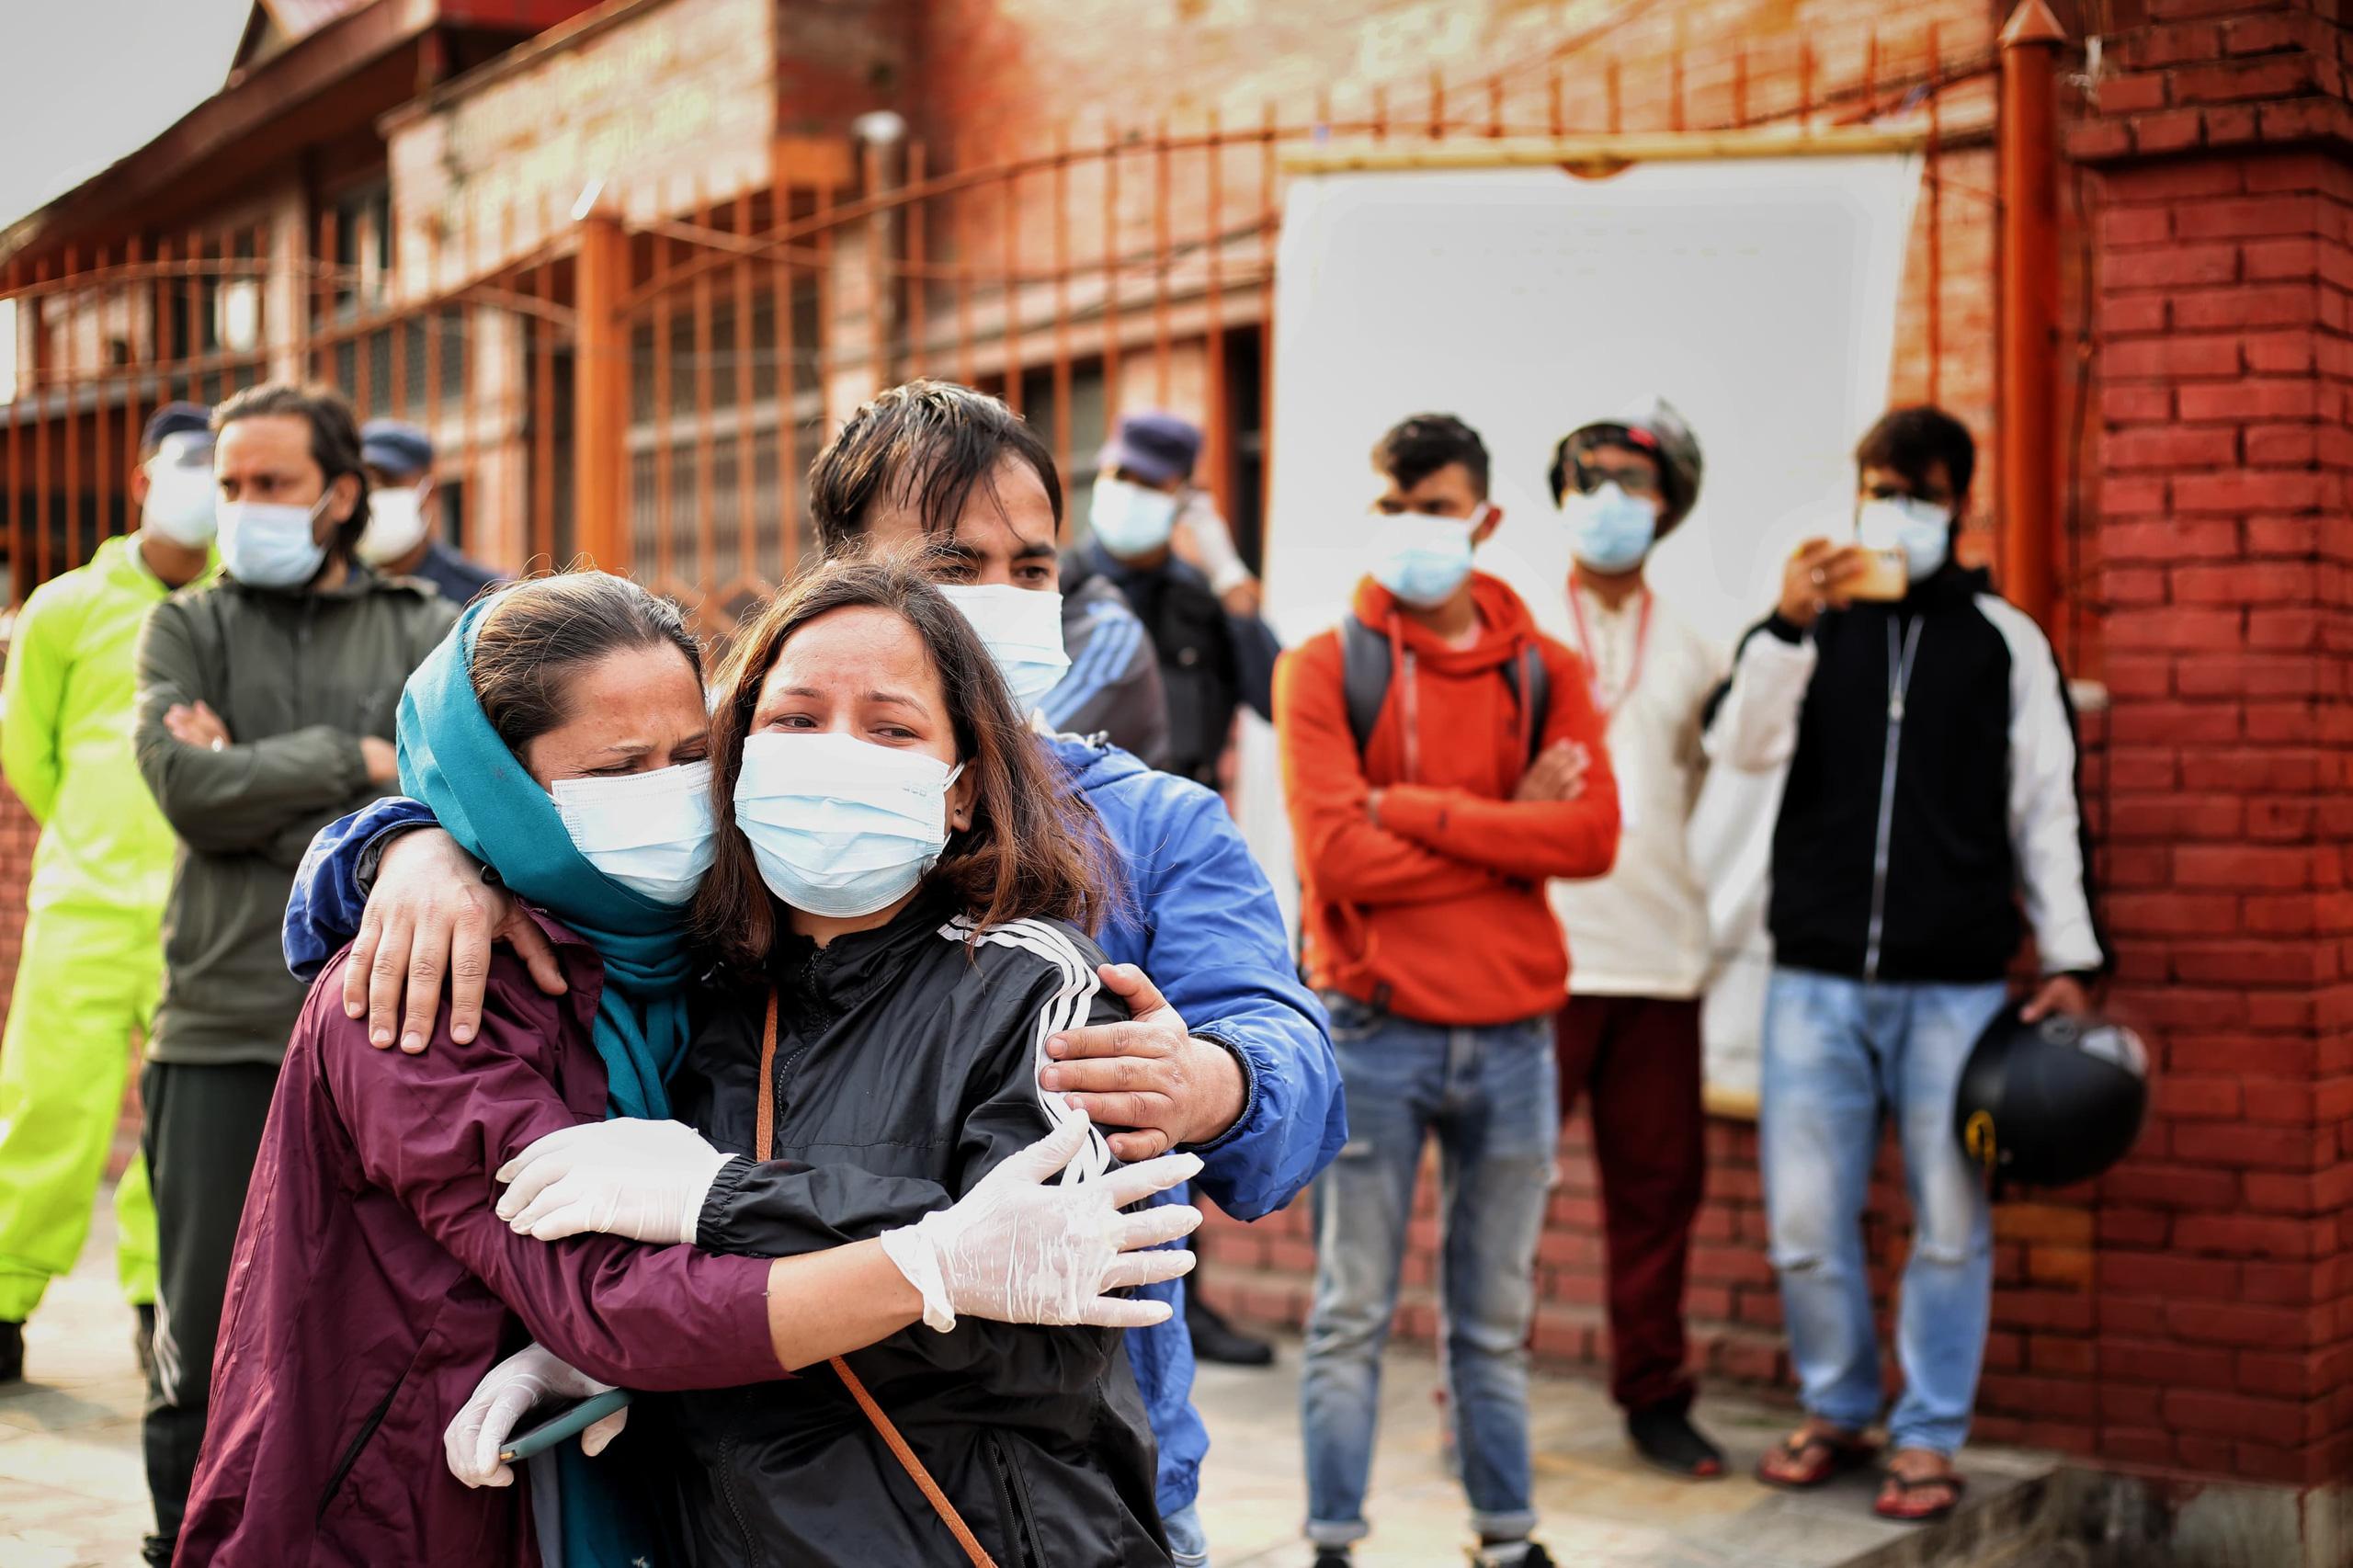 Thảm cảnh Covid-19 tại Nepal ngay lúc này: Lò hỏa thiêu nghi ngút khói đen nhả suốt ngày đêm, thân nhân uất nghẹn khóc ngất tiễn biệt người chết qua cánh cổng sắt - Ảnh 2.